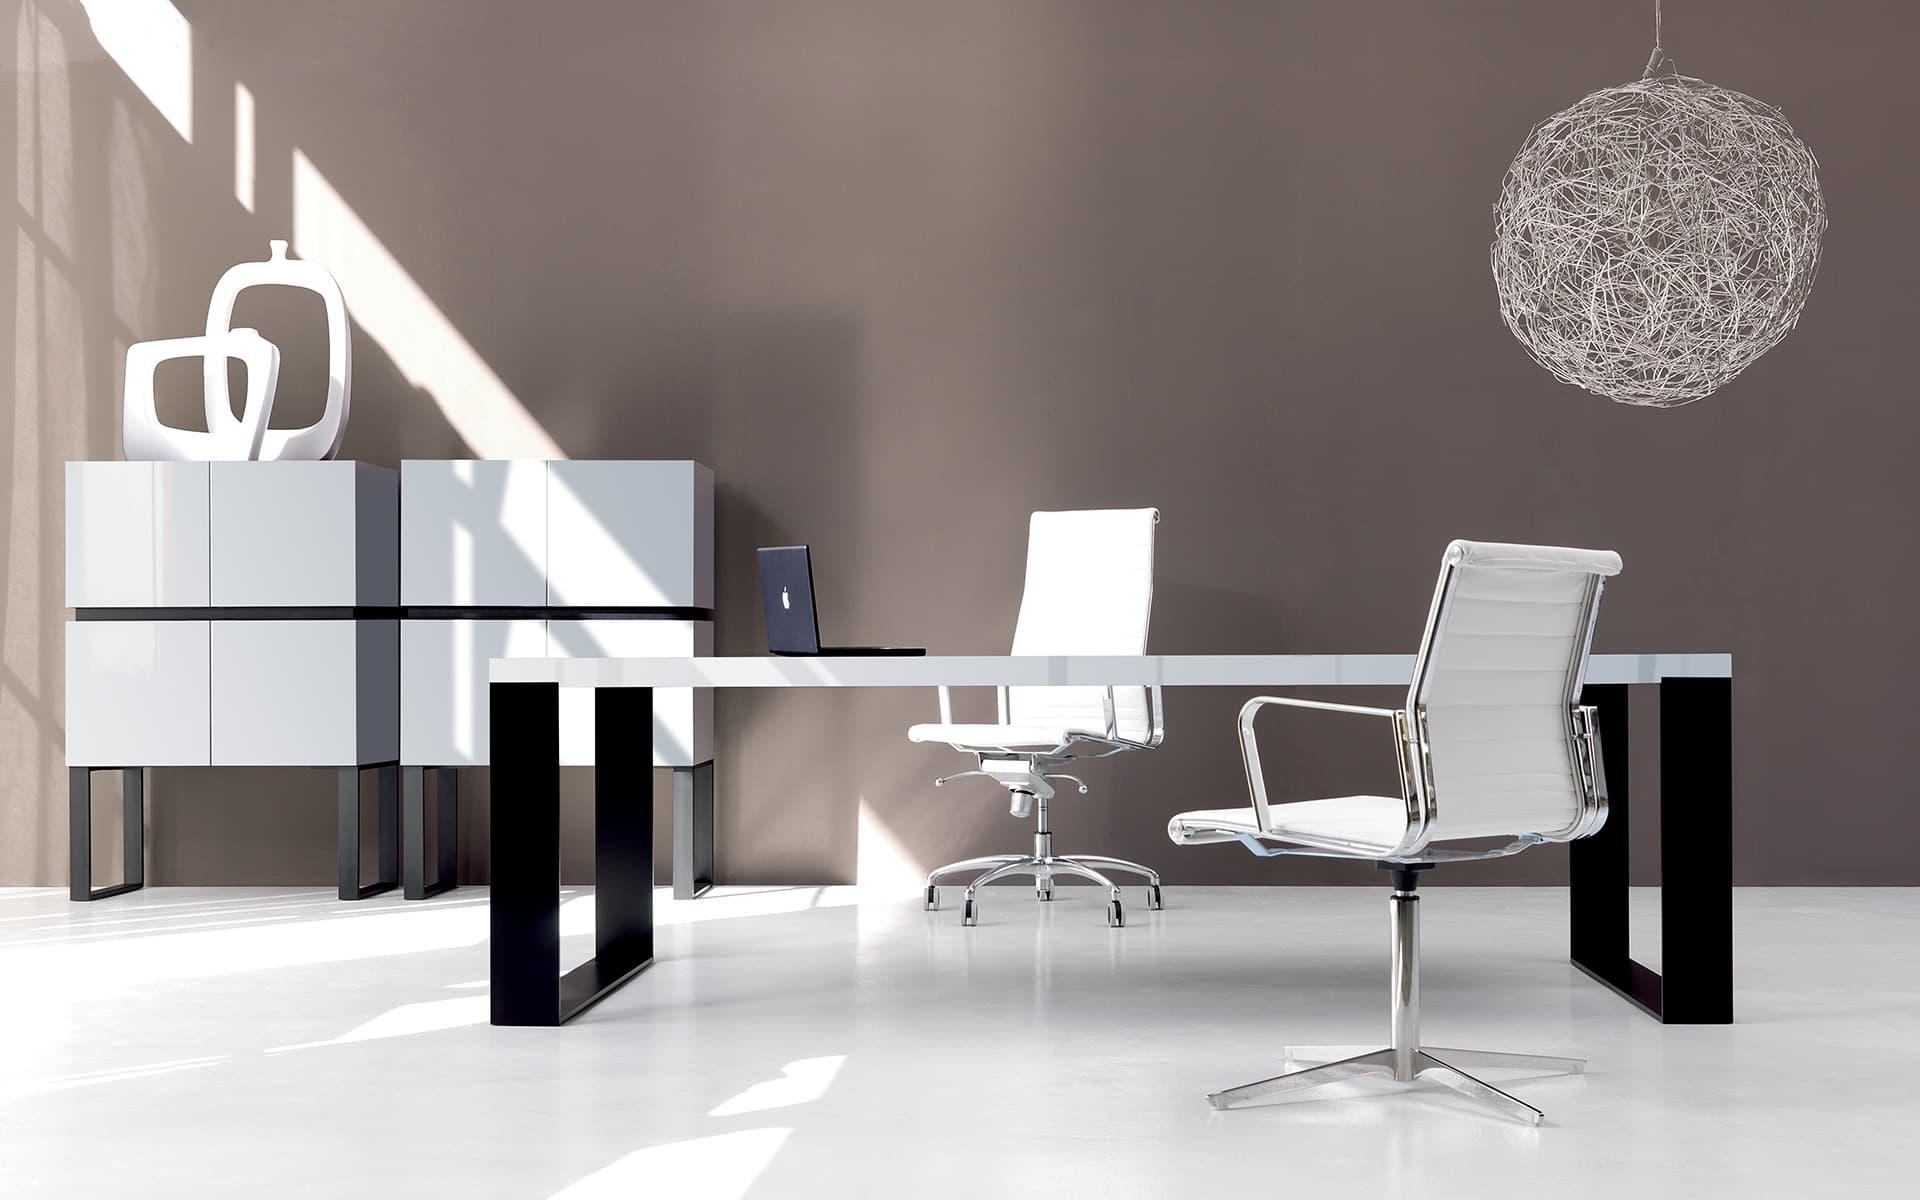 Mobili Per Ufficio Nelle Marche : Arredamento per ufficio mobili per ufficio ancona